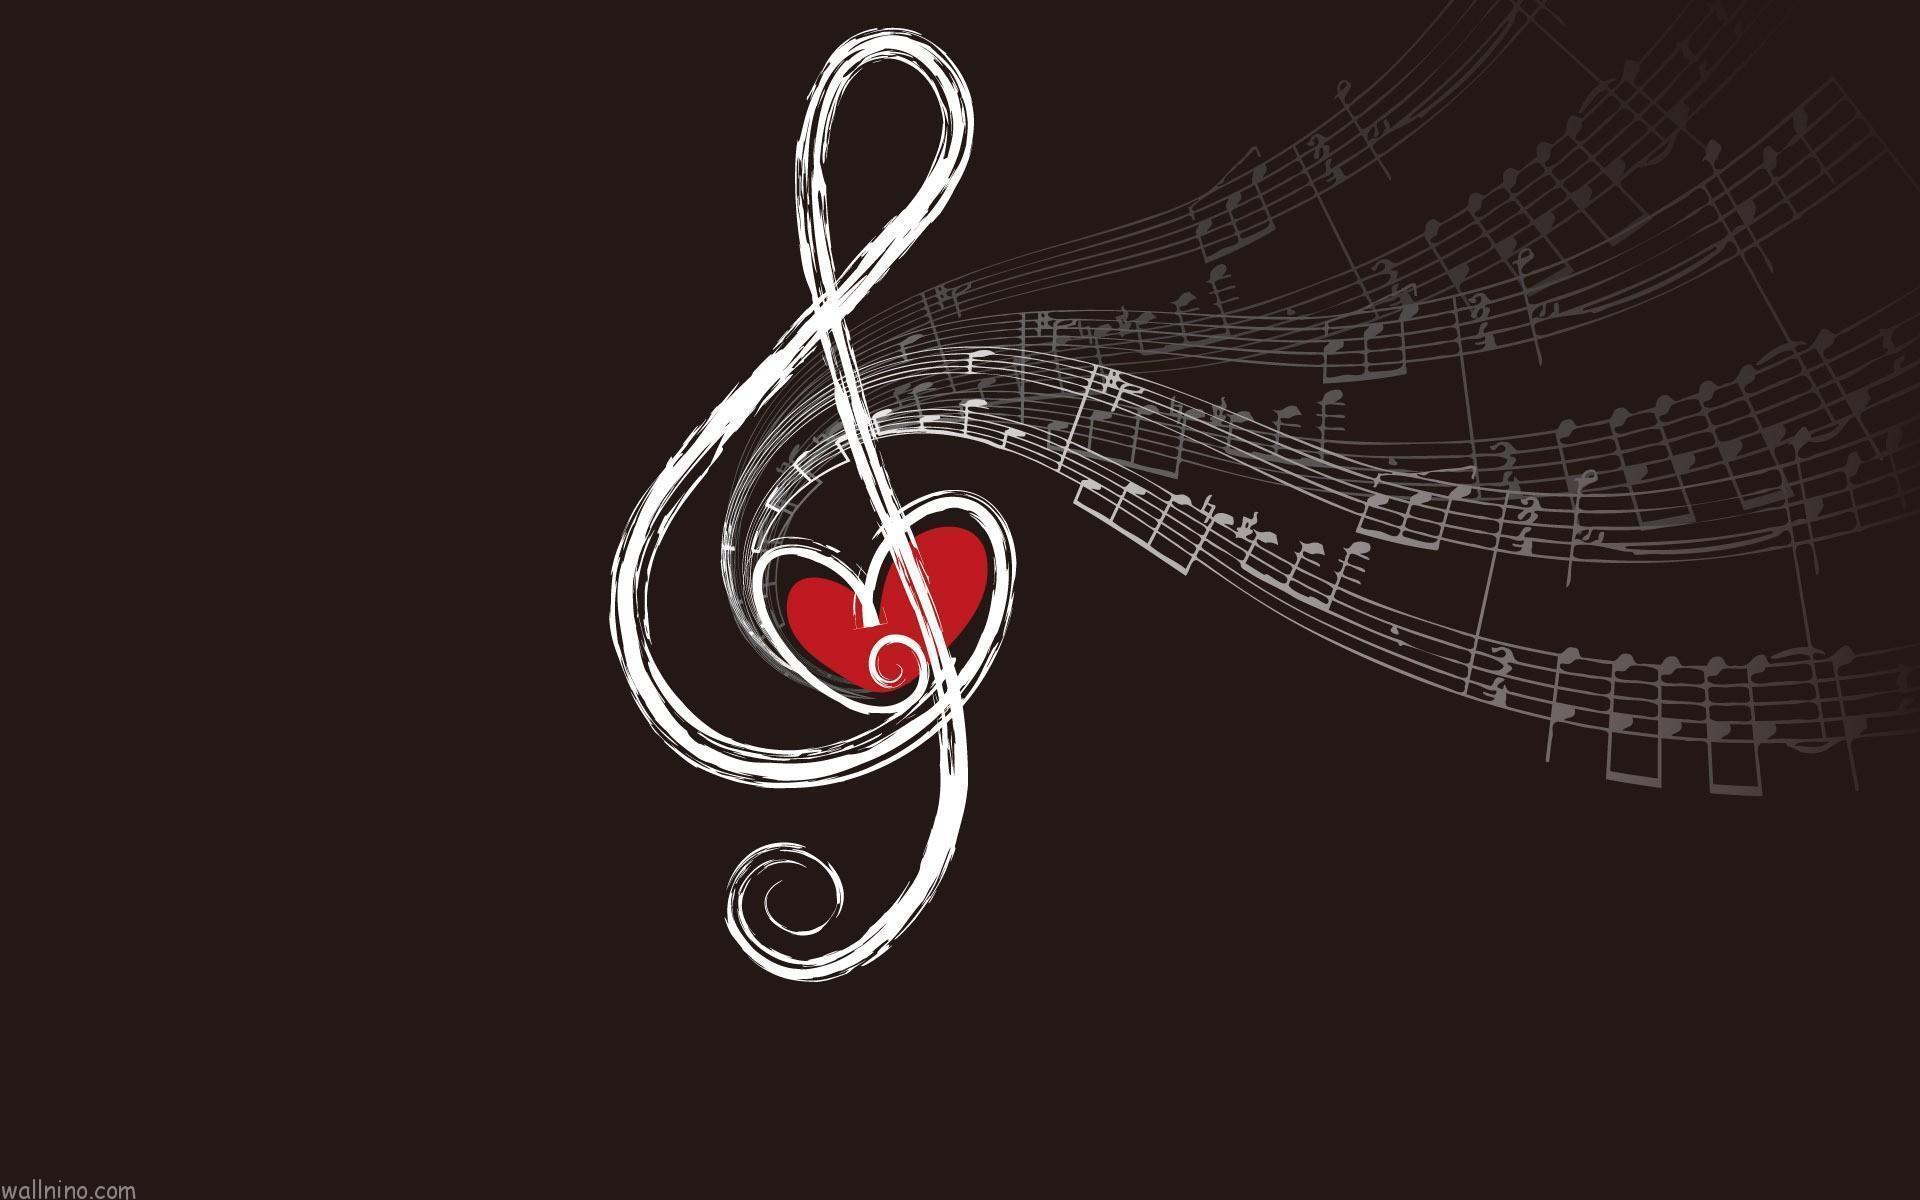 音楽好きのためのデスクトップ壁紙(music wallpaper) - naver まとめ